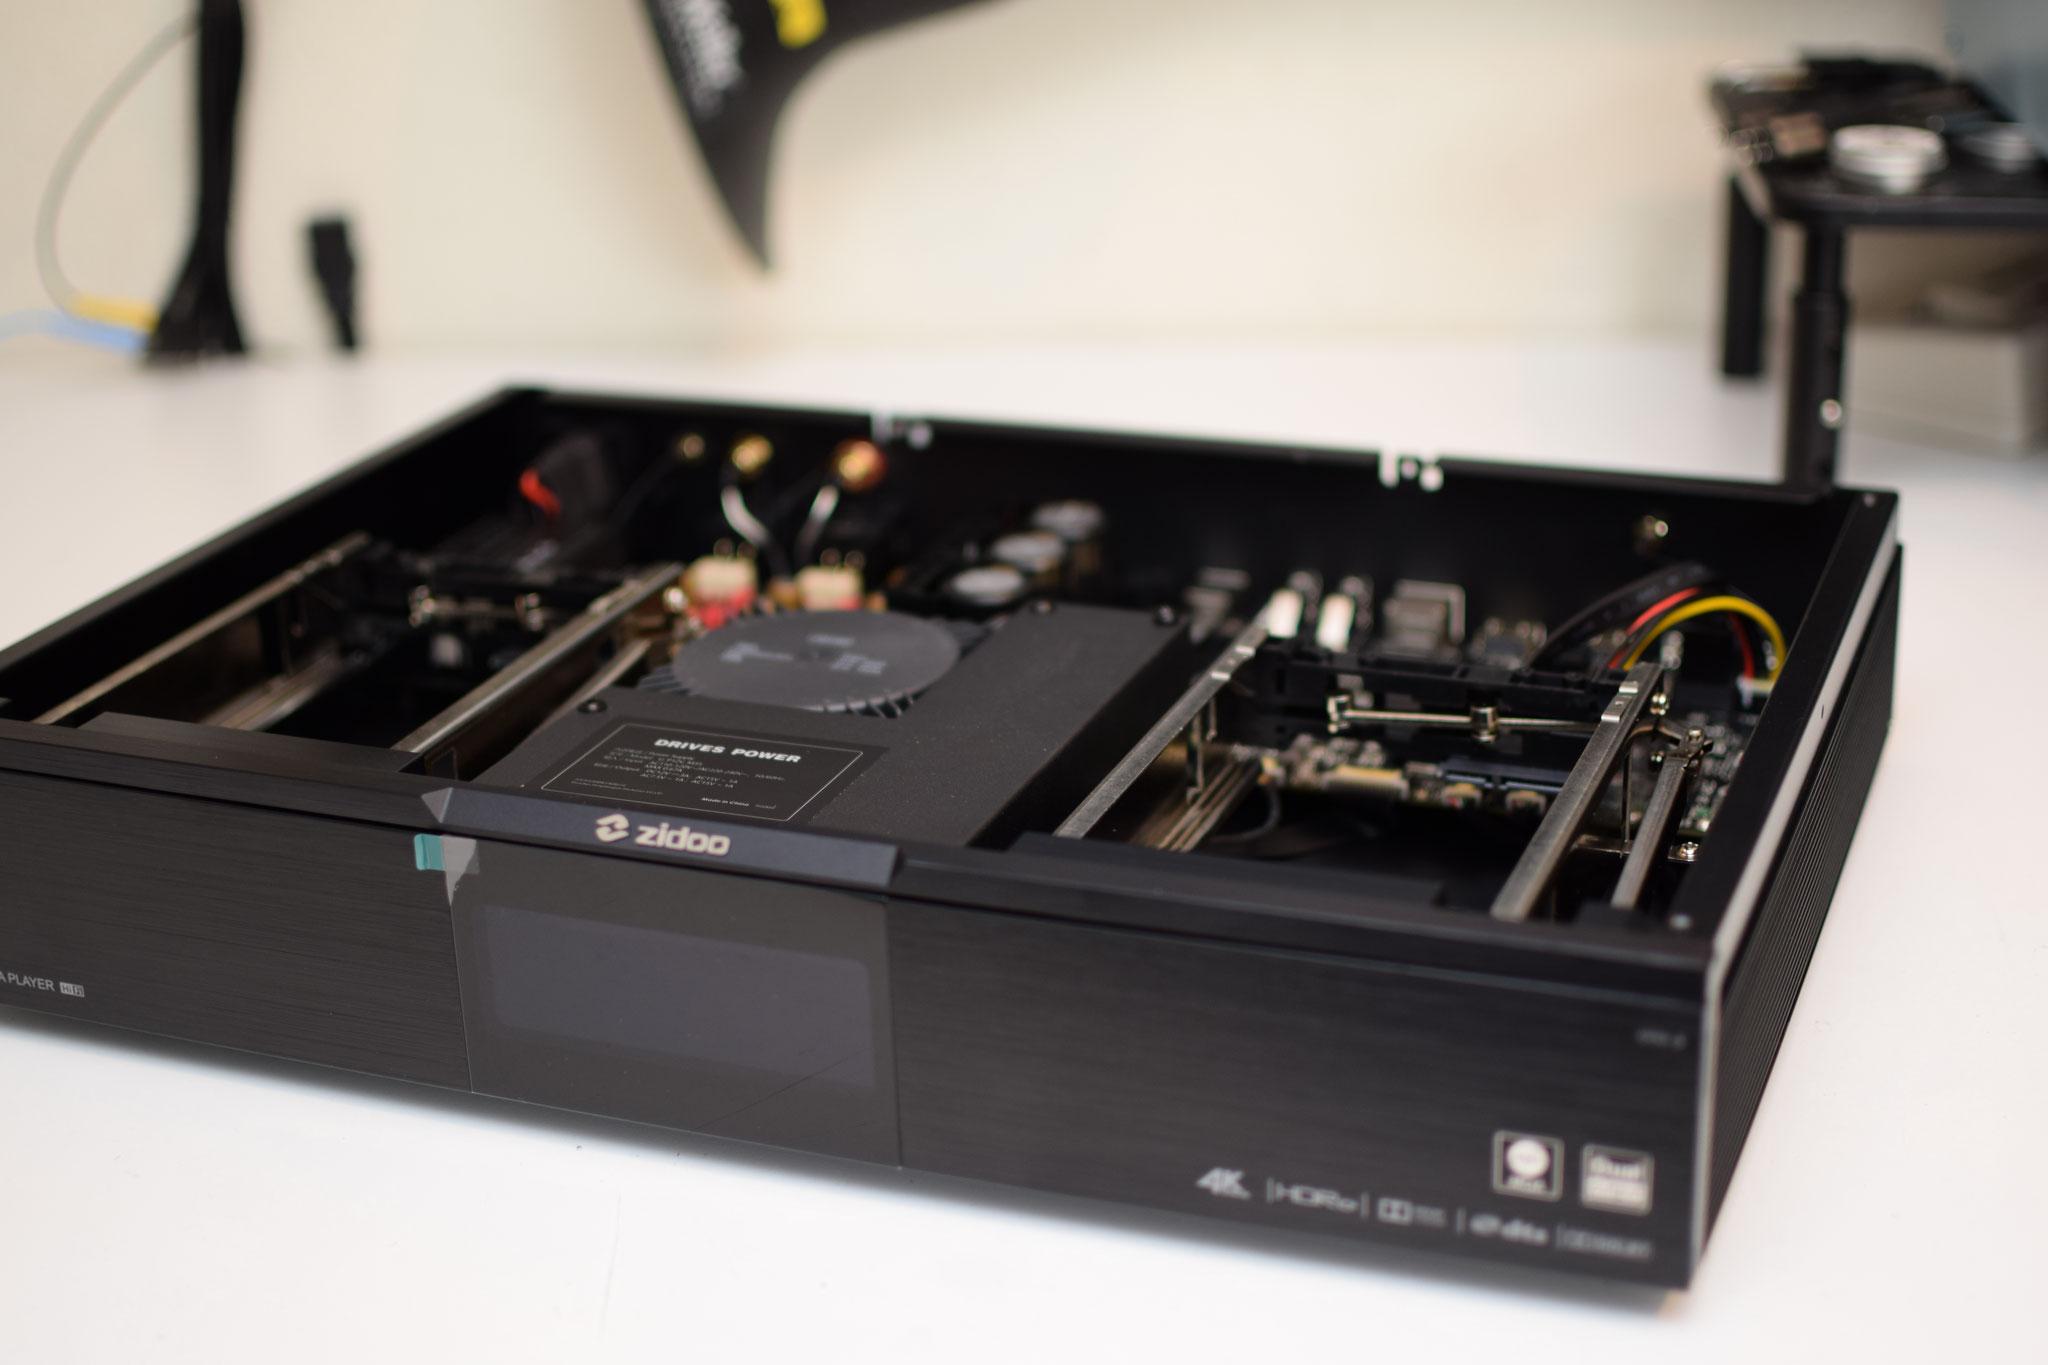 Zidoo UHD 3000 inside